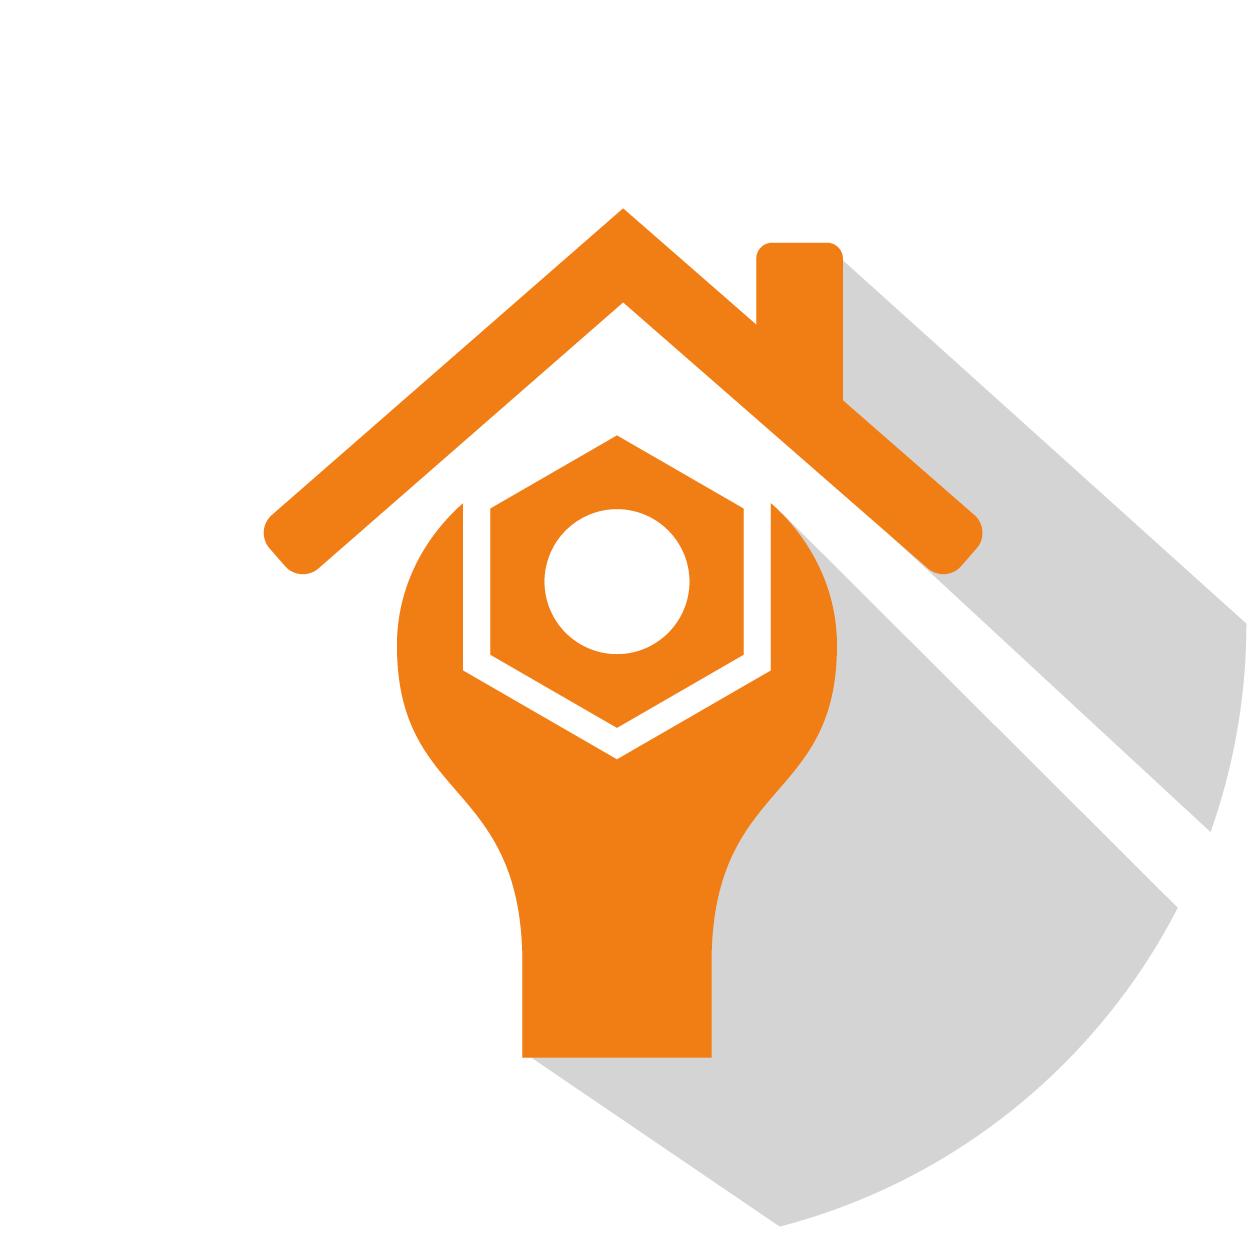 Roof repair icon